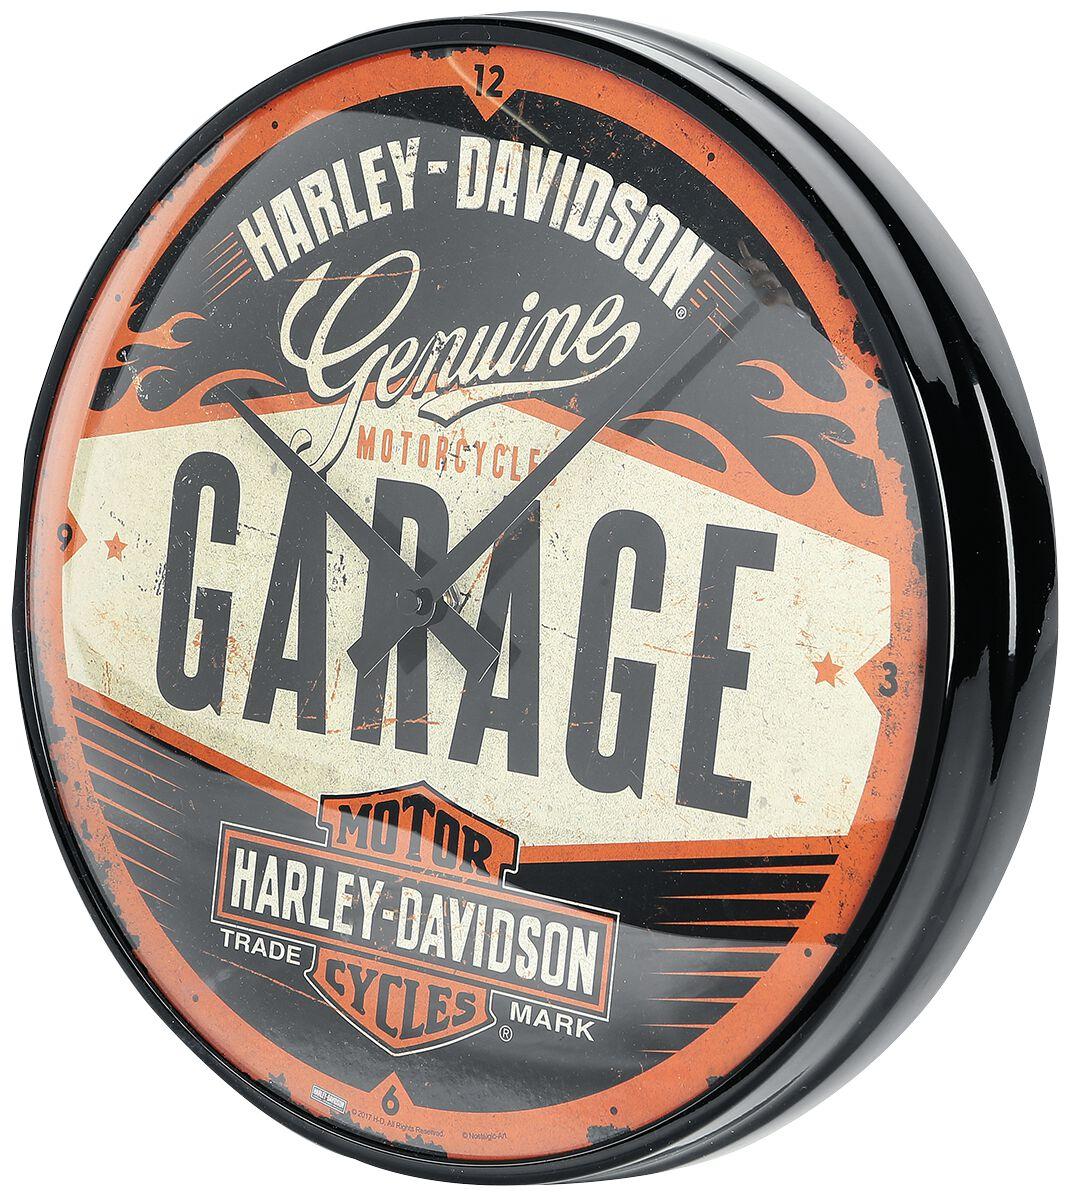 garage harley davidson wanduhr emp. Black Bedroom Furniture Sets. Home Design Ideas